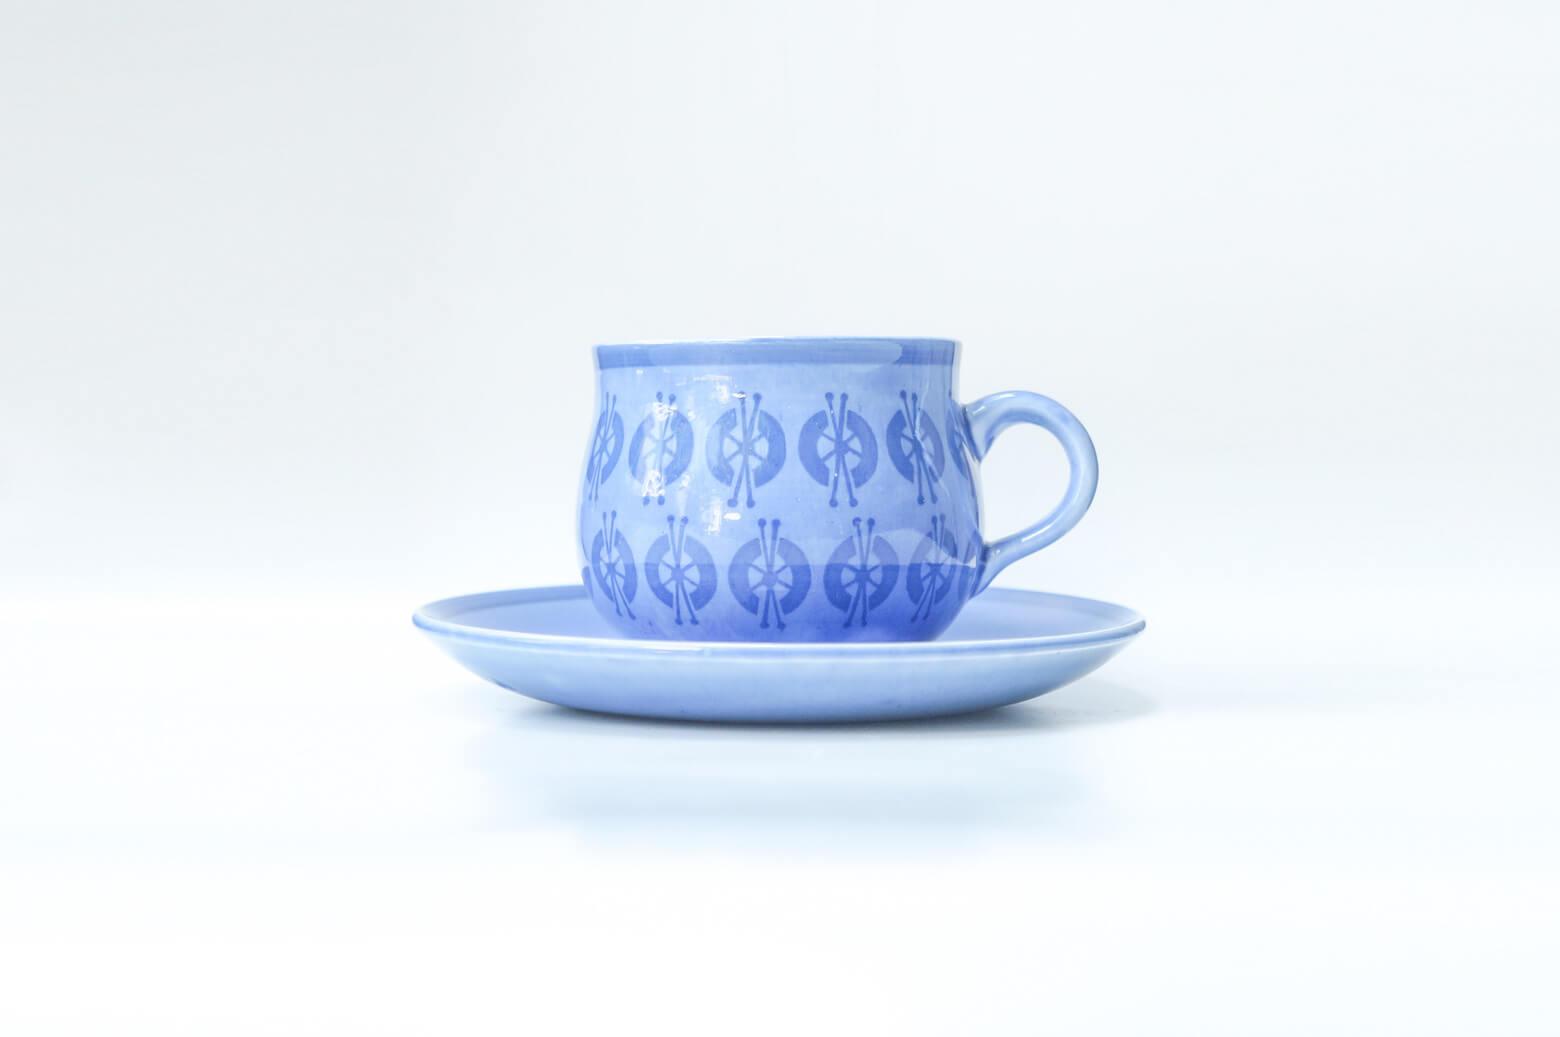 """世界中で愛される、北欧を代表する陶芸家リサ・ラーソン。 1954年にスウェーデンGUSTAVSBERG社に入社し、1979年に退社するまでの約20年間の間に数多くの作品を発表しました。 80歳を超える現在でも精力的に作品を製作し、活動しています。 リサ・ラーソンといえば、可愛らしい動物や人型のフィギュアが有名ですが、数はとても少ないですが食器のデザインも手掛けていました。 こちらは""""ジョセフィン""""という名前がついたシリーズのカップ&ソーサー。 淡く優しい水色をベースに少し濃いめのブルーでお花のような模様が描かれています。 少し厚手で、ぽってりとしたフォルム。 同じくリサ・ラーソンデザインの""""マチルダ""""というシリーズのカップ&ソーサーも同じフォルムです。 容量はたっぷり入りますので、コーヒーでも紅茶でもどちらでもお使いいただけます。 リサ・ラーソンのテーブルウェアは数が少ないため、なかなか出会えない希少なアイテムです。 北欧好きの方やリサ・ラーソンのファンの方のみならずとも、思わず手に取ってみたくなるような 可愛らしく、雰囲気のあるカップ&ソーサー。 ぜひいかがでしょうか♪ ~【東京都杉並区阿佐ヶ谷北アンティークショップ 古一】 古一/ふるいちでは出張無料買取も行っております。杉並区周辺はもちろん、世田谷区・目黒区・武蔵野市・新宿区等の東京近郊のお見積もりも!ビンテージ家具・インテリア雑貨・ランプ・USED品・ リサイクルなら古一/フルイチへ~"""